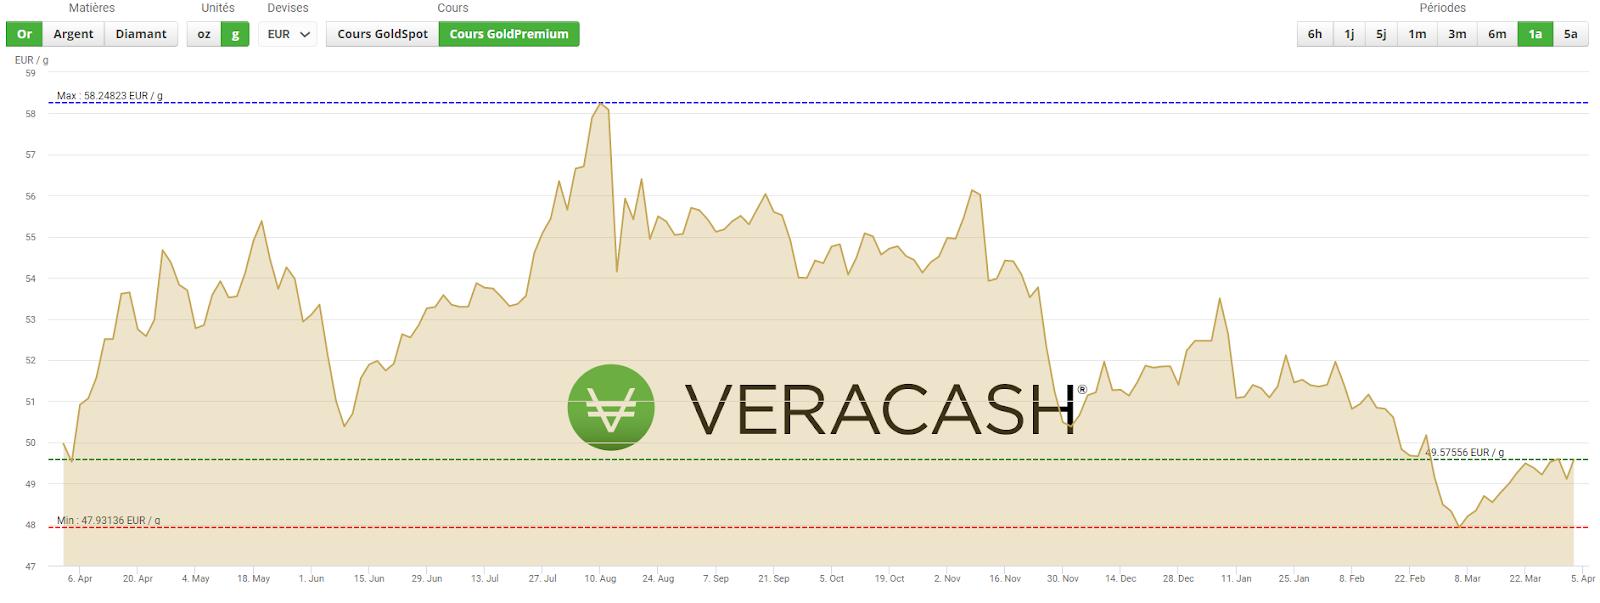 graphique montrant le cours de l'or sur un an